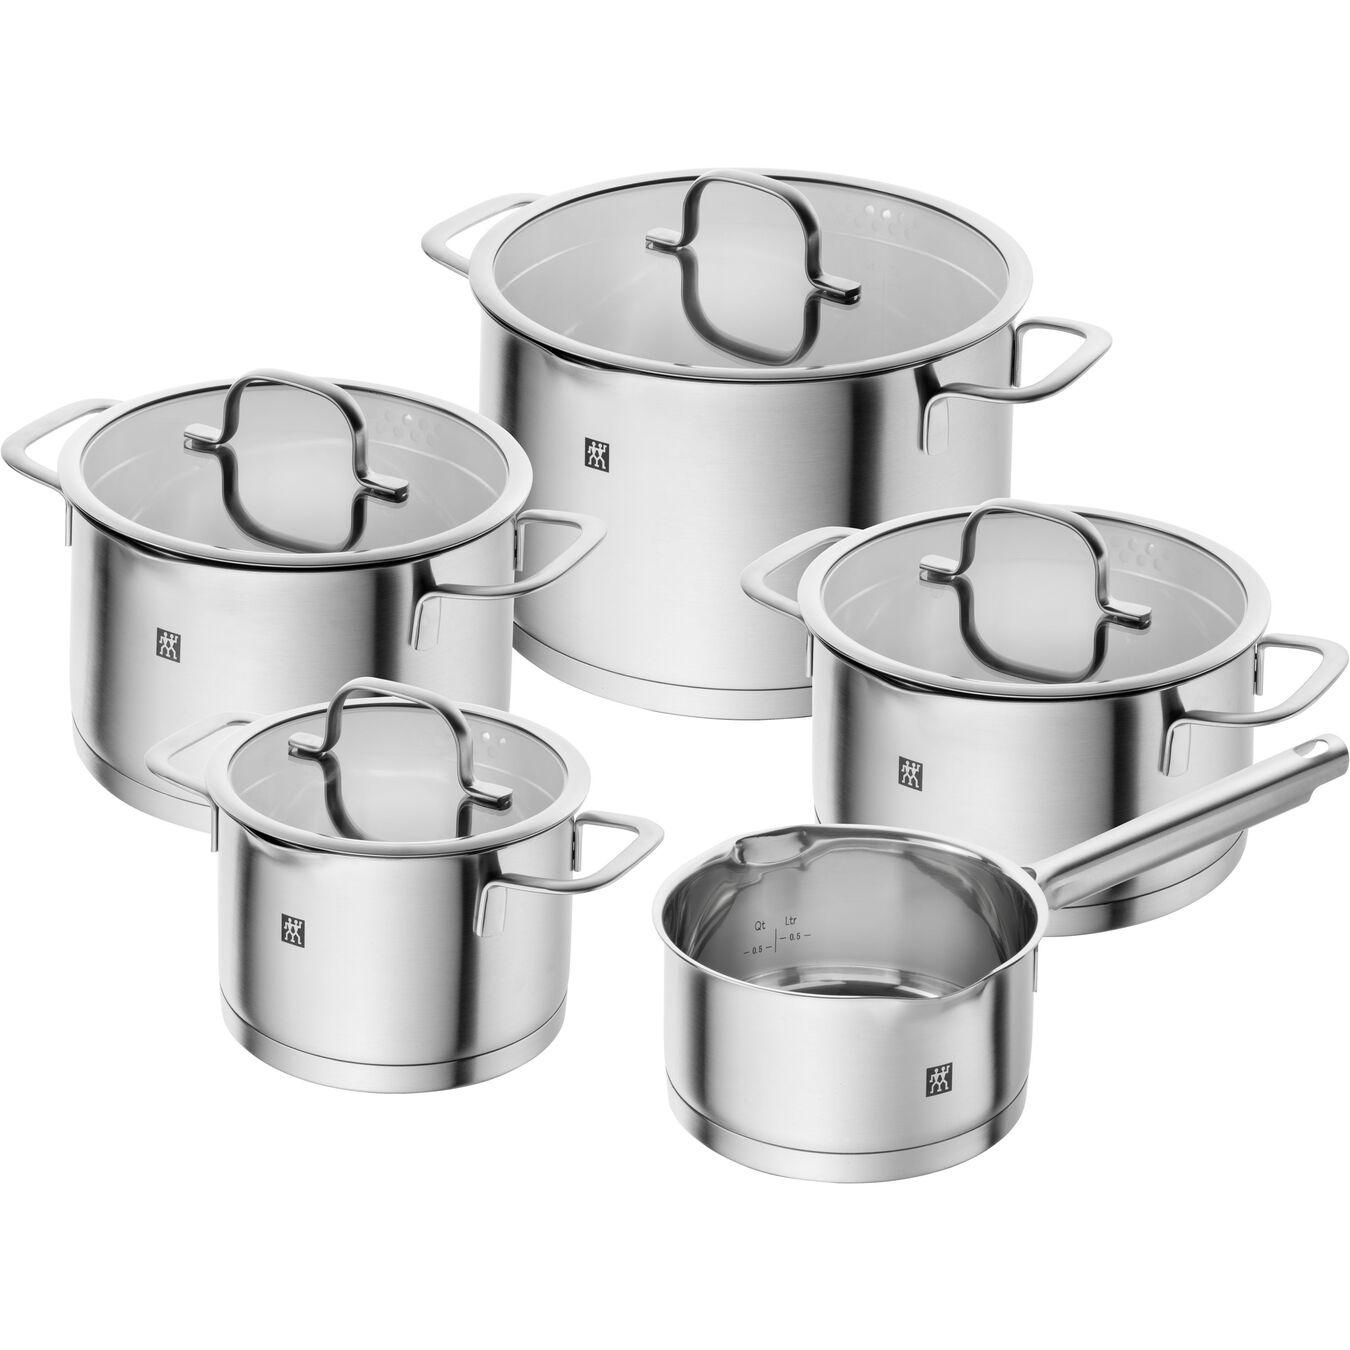 Ensemble de casseroles 5-pcs, Acier inoxydable,,large 1